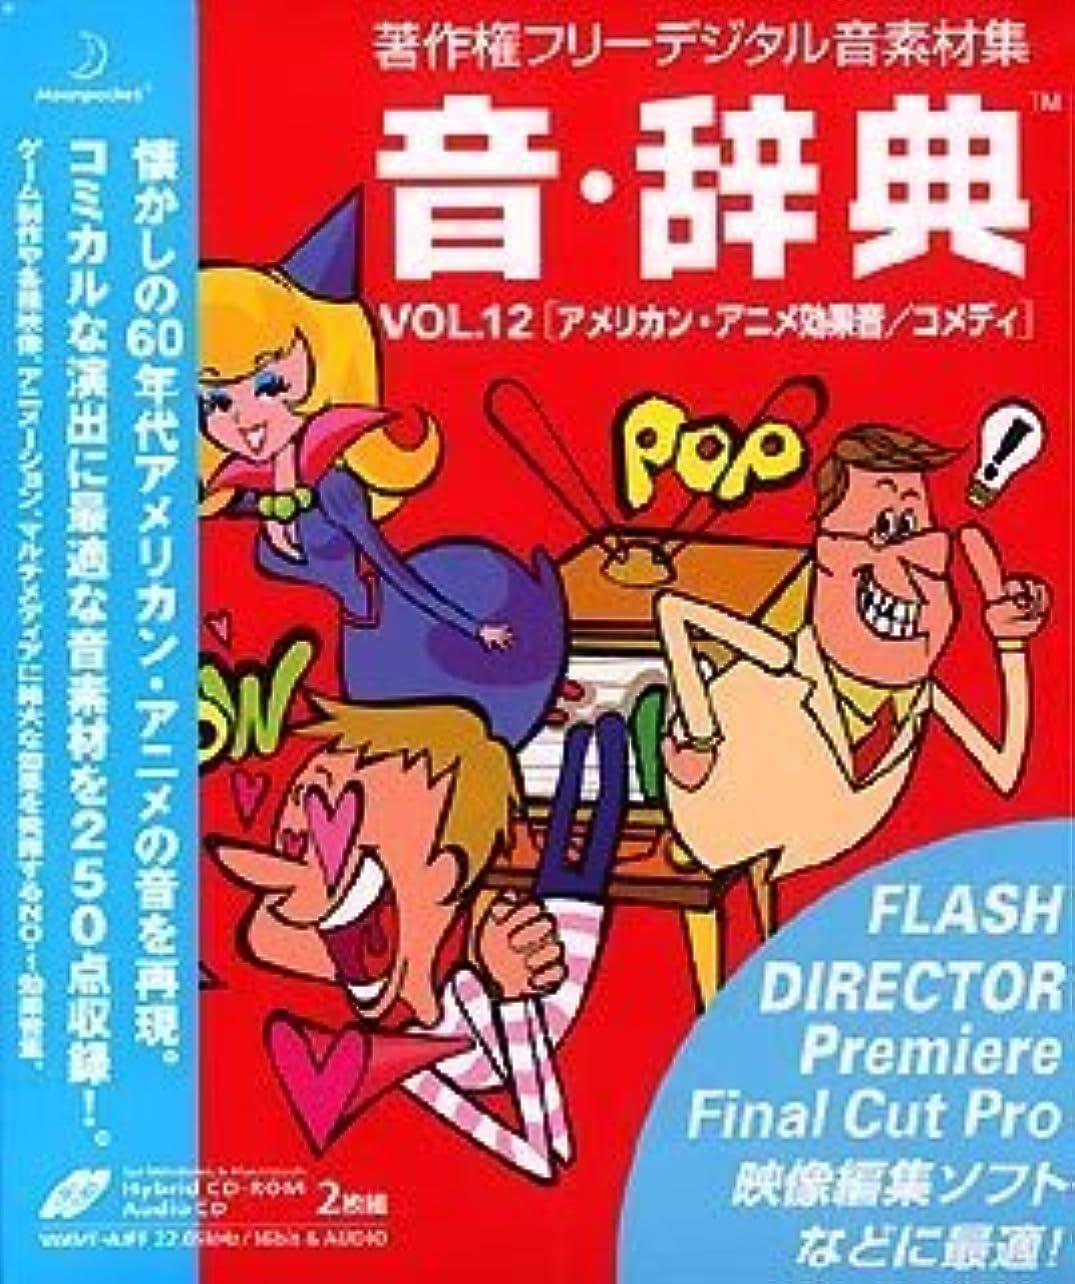 音?辞典 Vol.12 アメリカン?アニメ効果音/コメディ